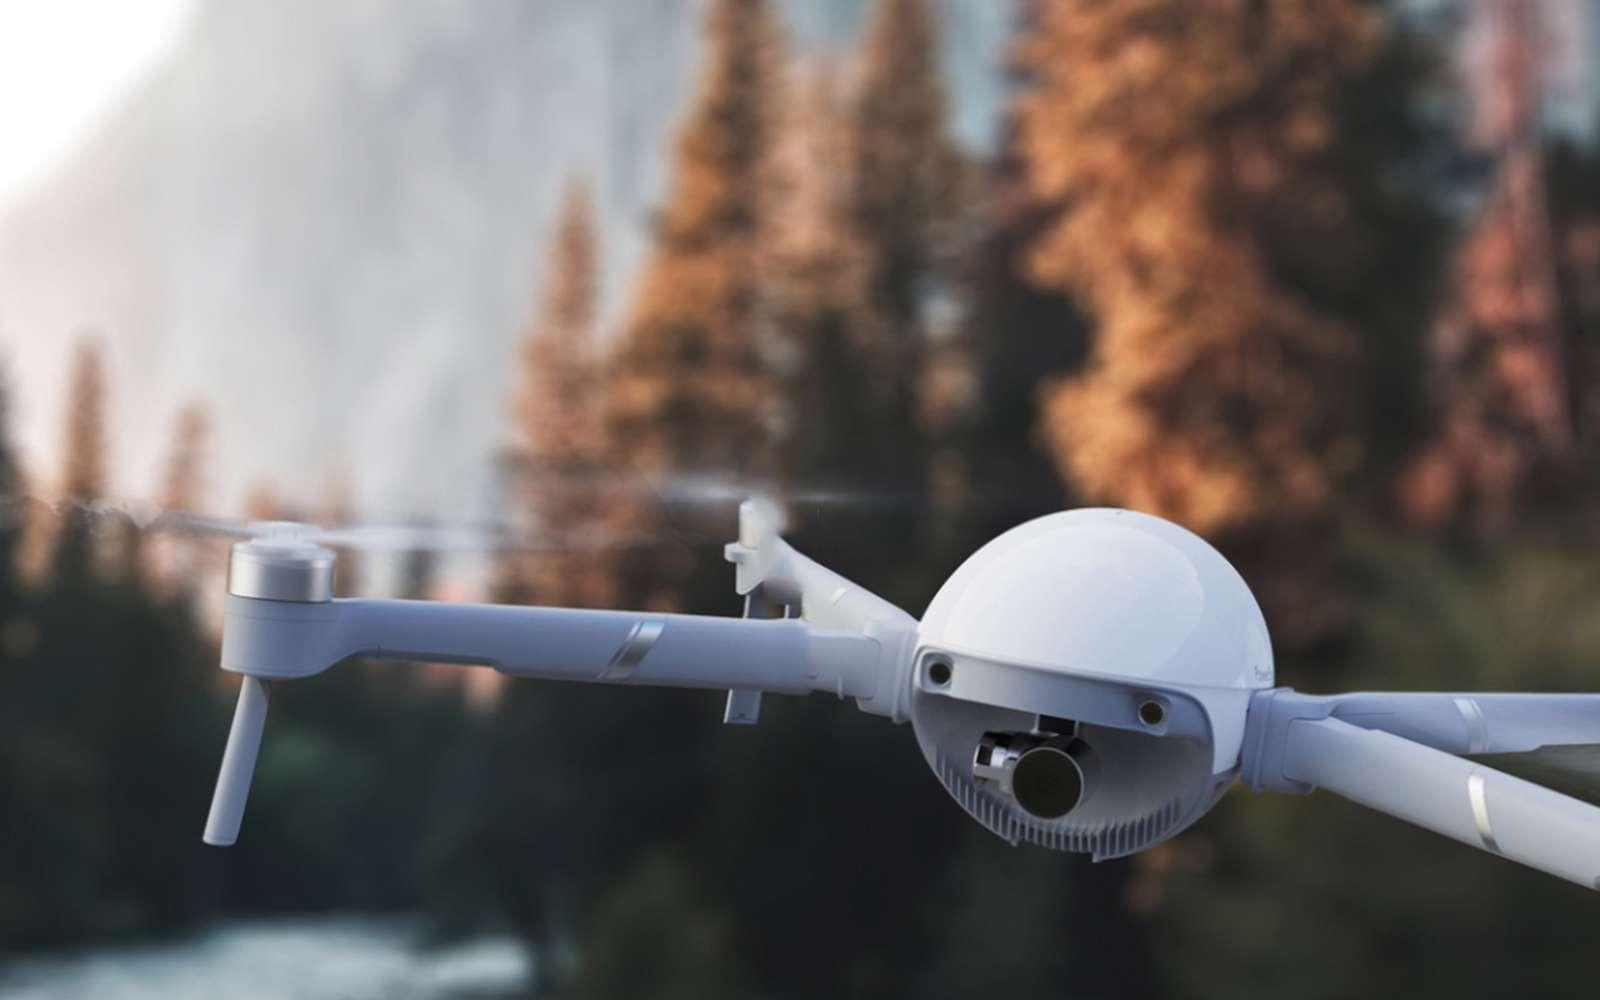 En mode drone, le PowerEgg X peut voler sous la pluie et il est également disponible avec un pack lui permettant d'amerrir. © PowerVision